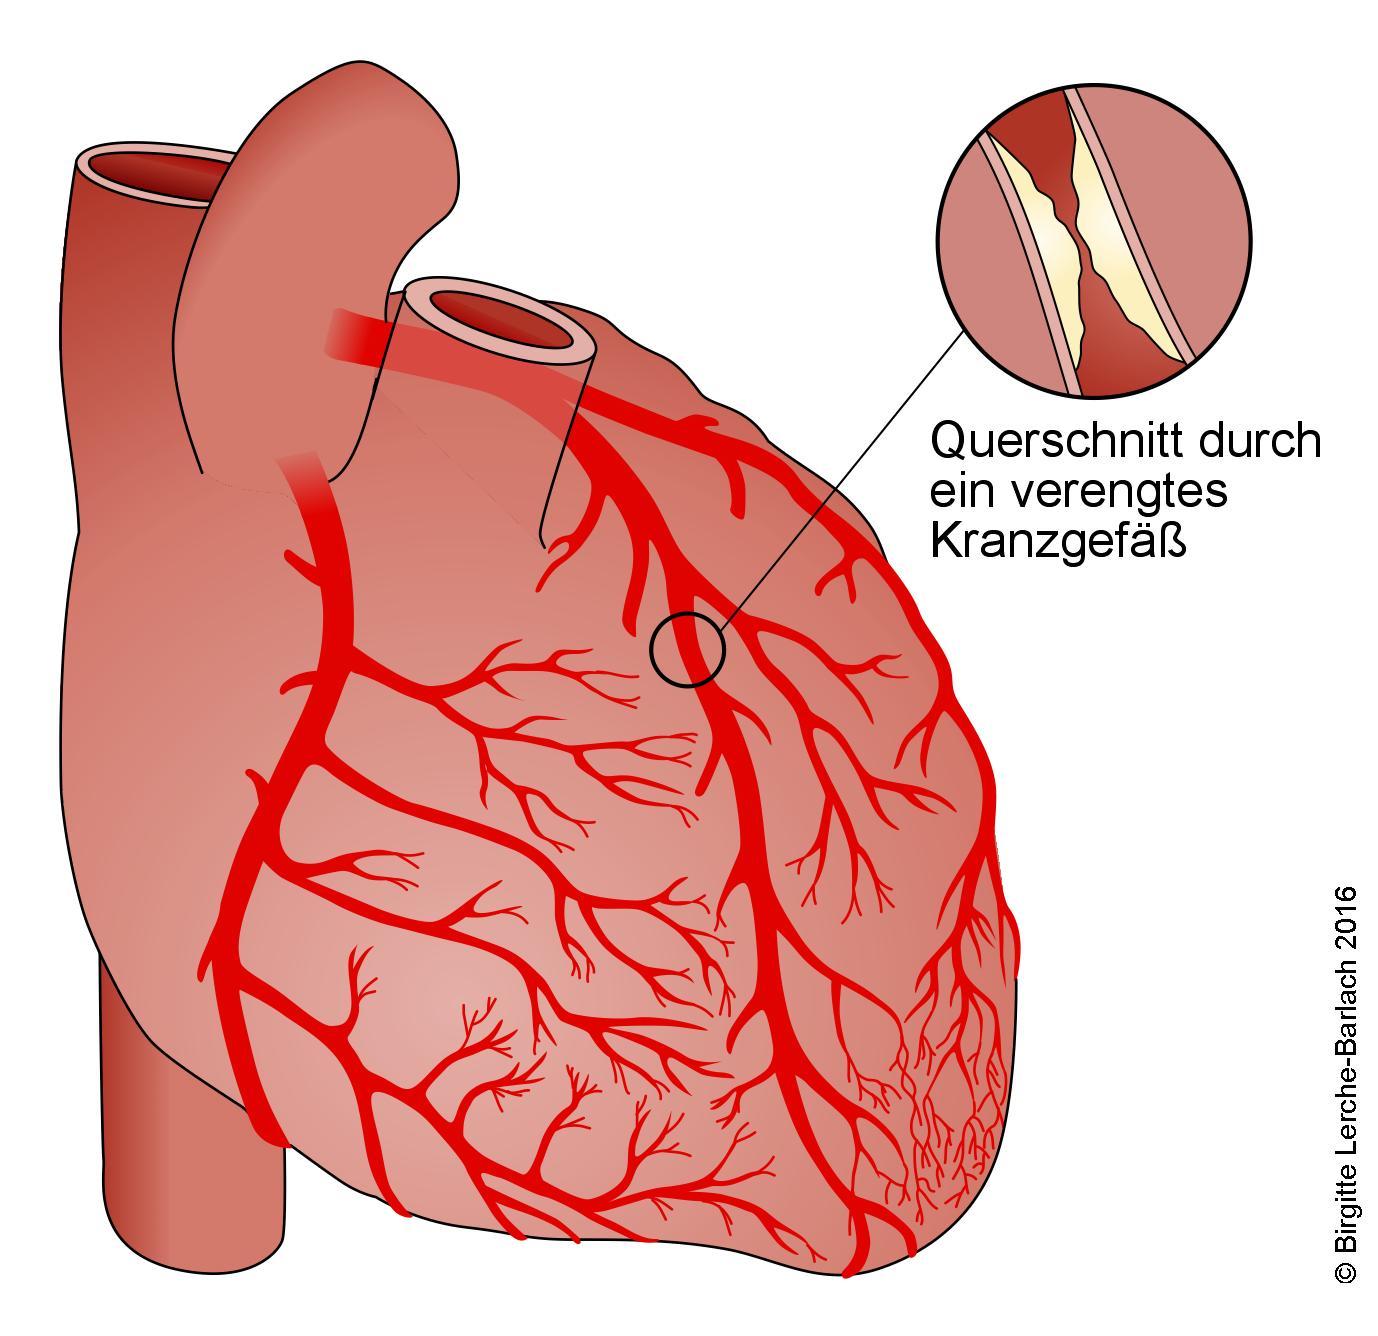 Herz mit Herzkranzgefäßen und Verengung (Stenose)